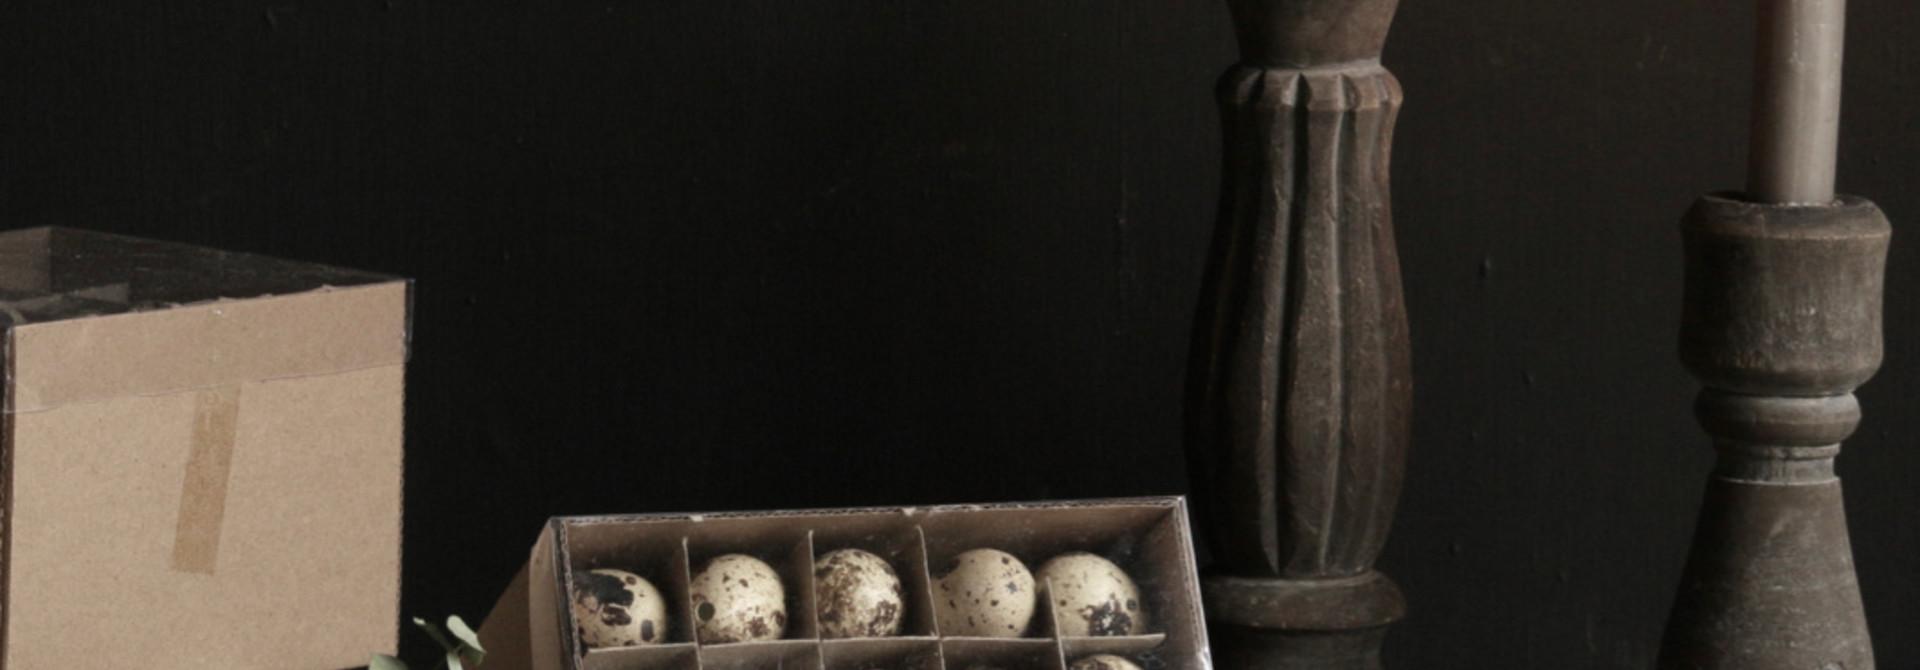 Doosje met 60  kwartel eitjes